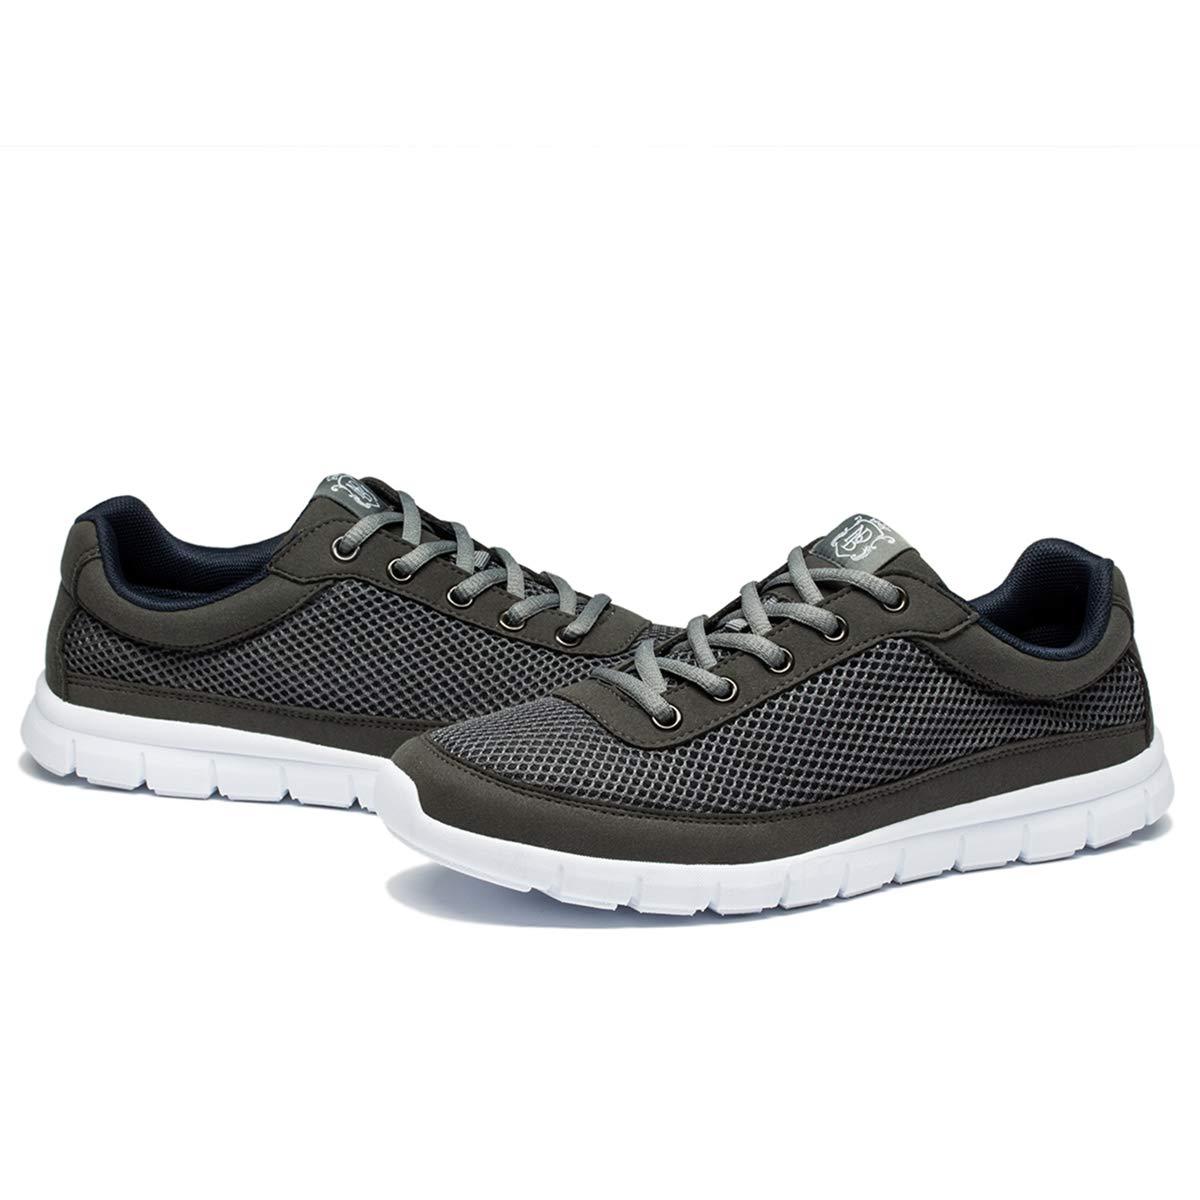 NDB Zapatillas de deporte ligeras para hombre, color Negro, talla 39 EU: Amazon.es: Zapatos y complementos